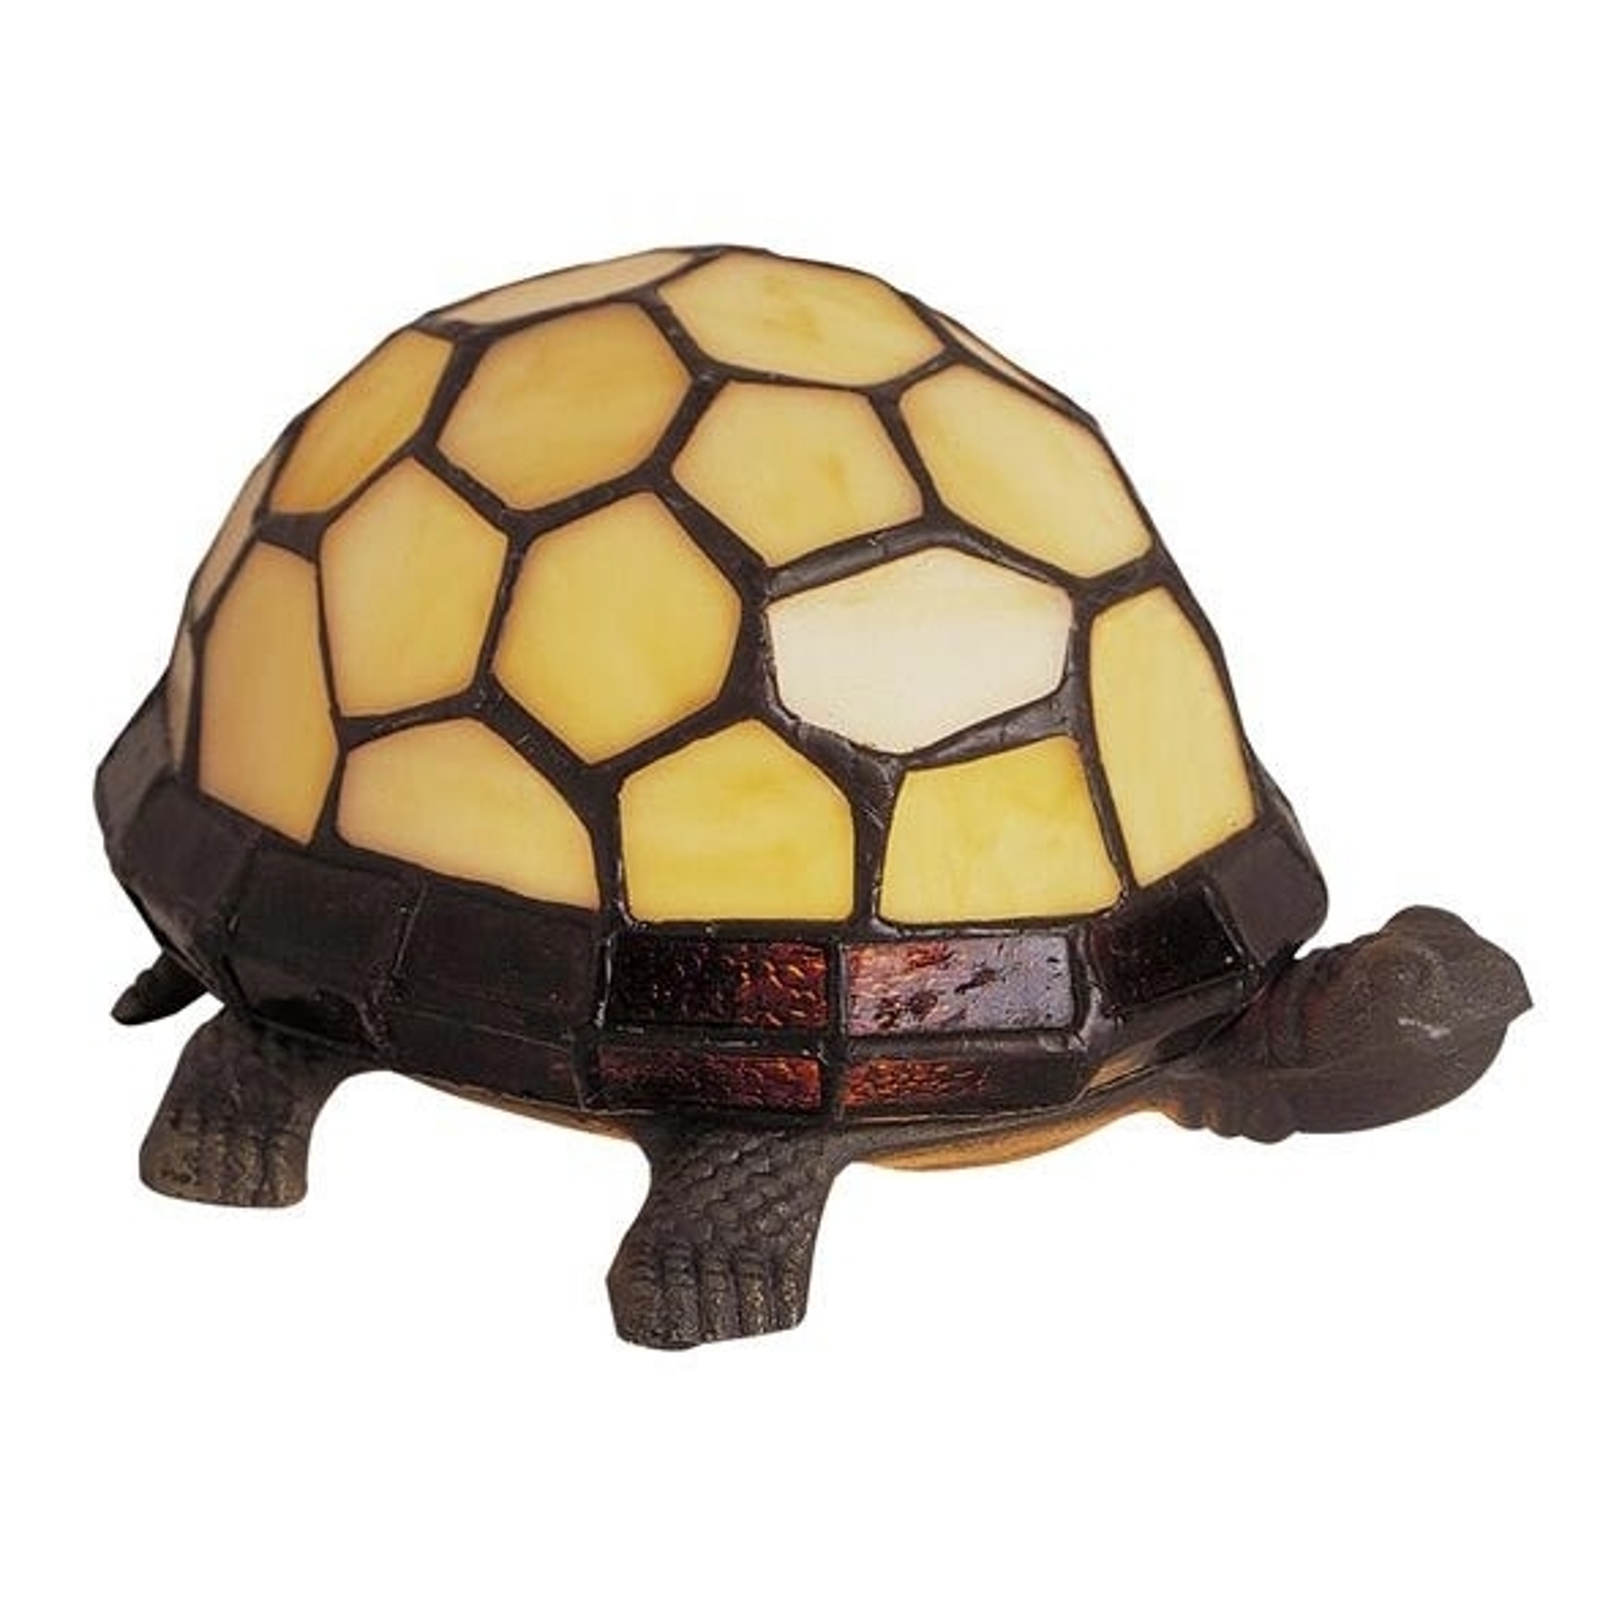 TORTUE - stolní lampa jako želva